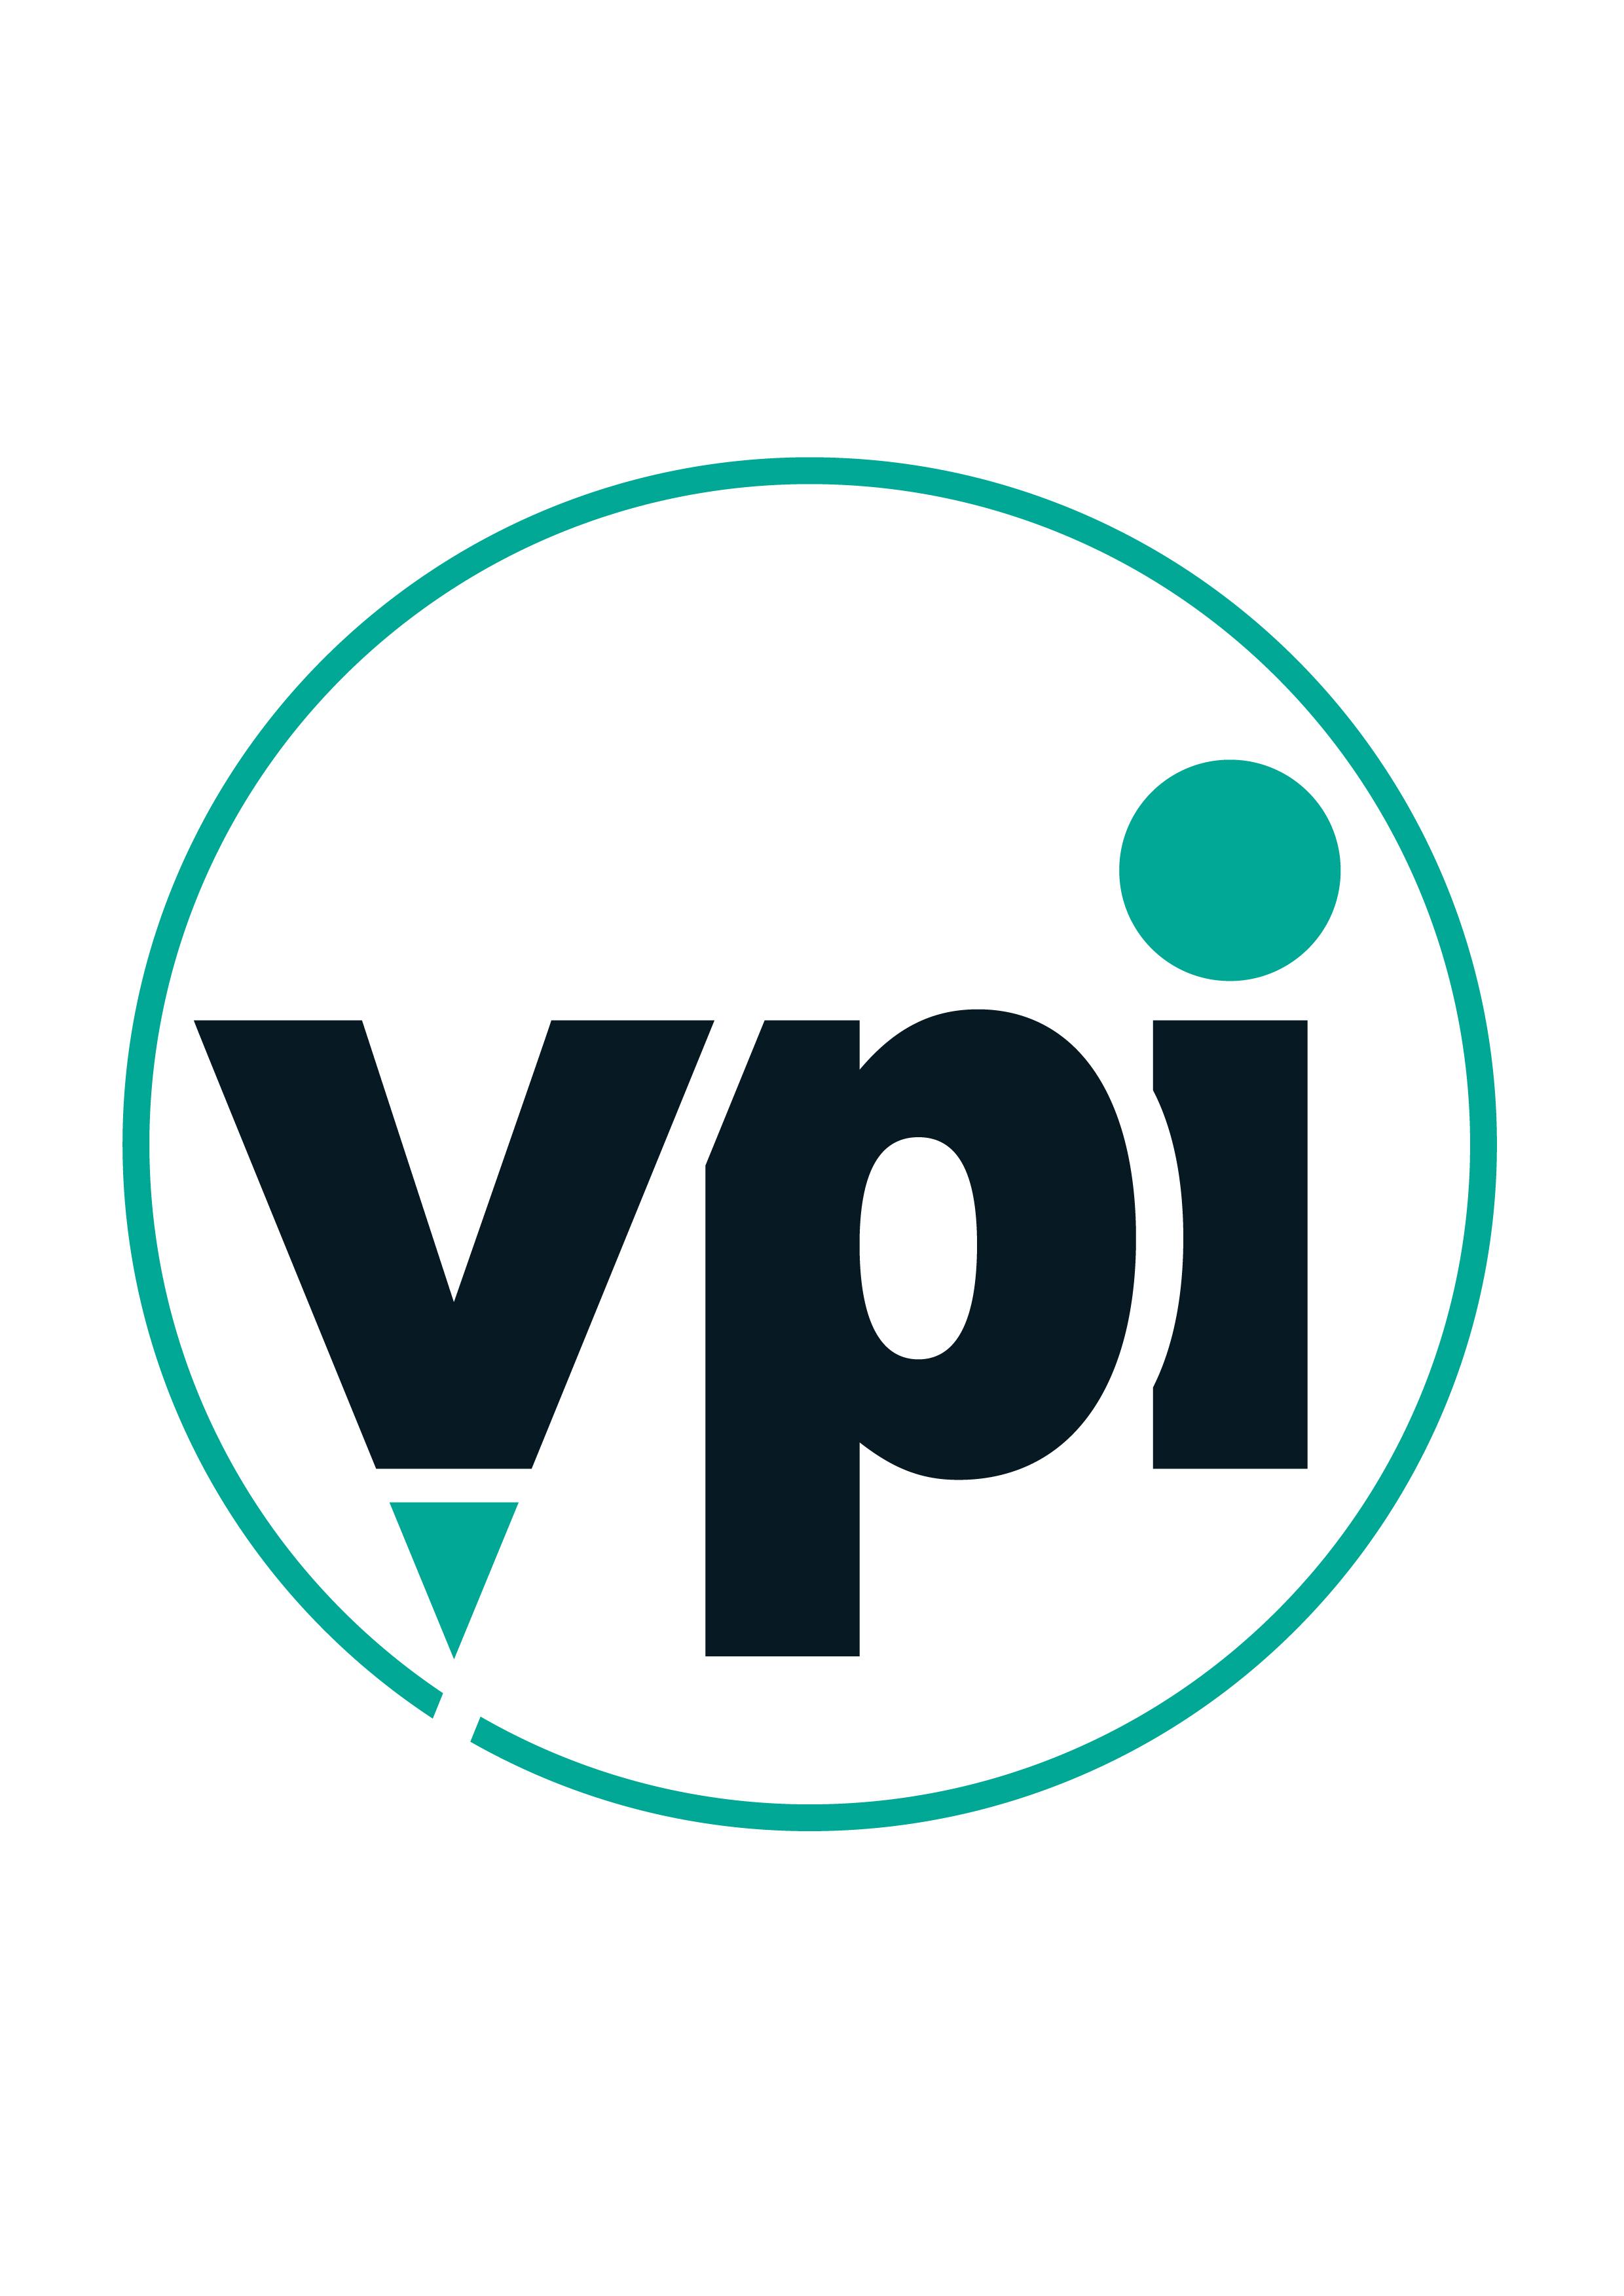 BVPI Bundesvereinigung der Prüfingenieure für Bautechnik